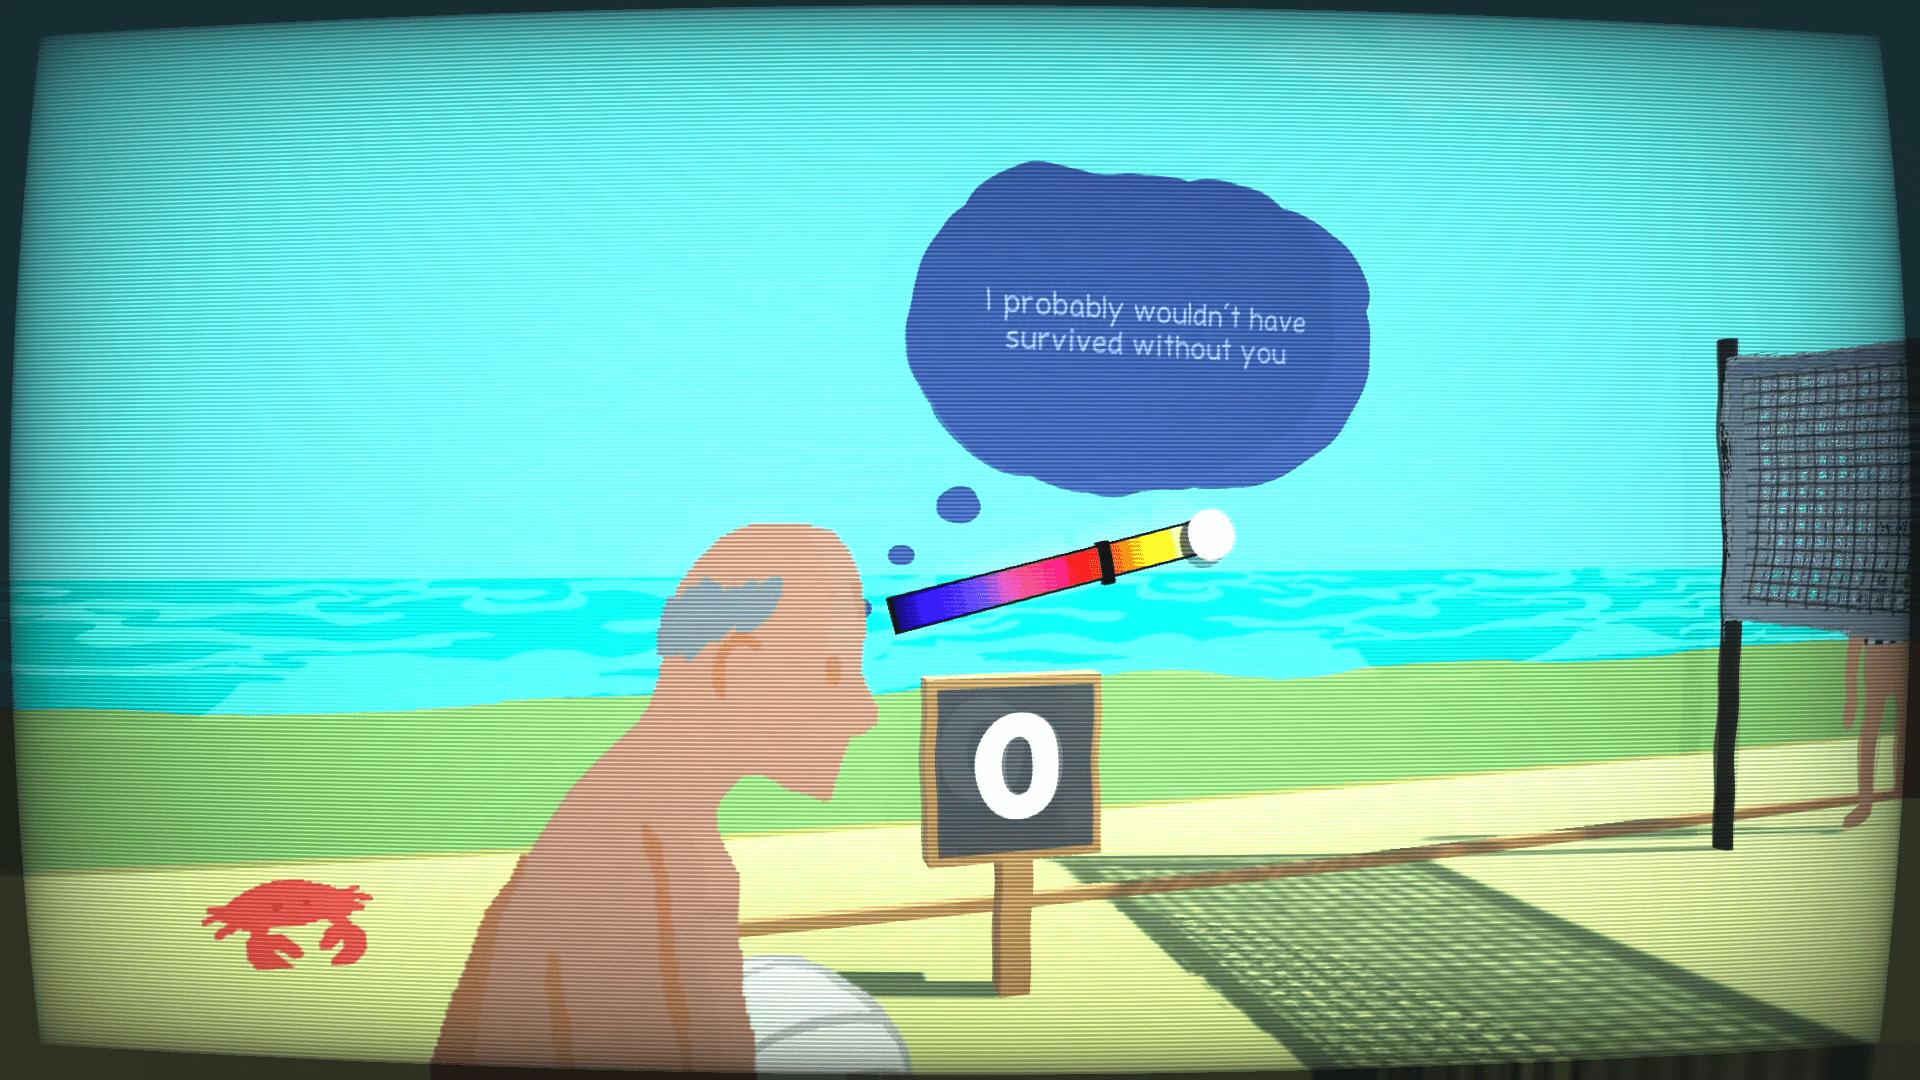 Le jeu contient autant d'action que d'introspection, aussi surprenant que cela puisse paraître...